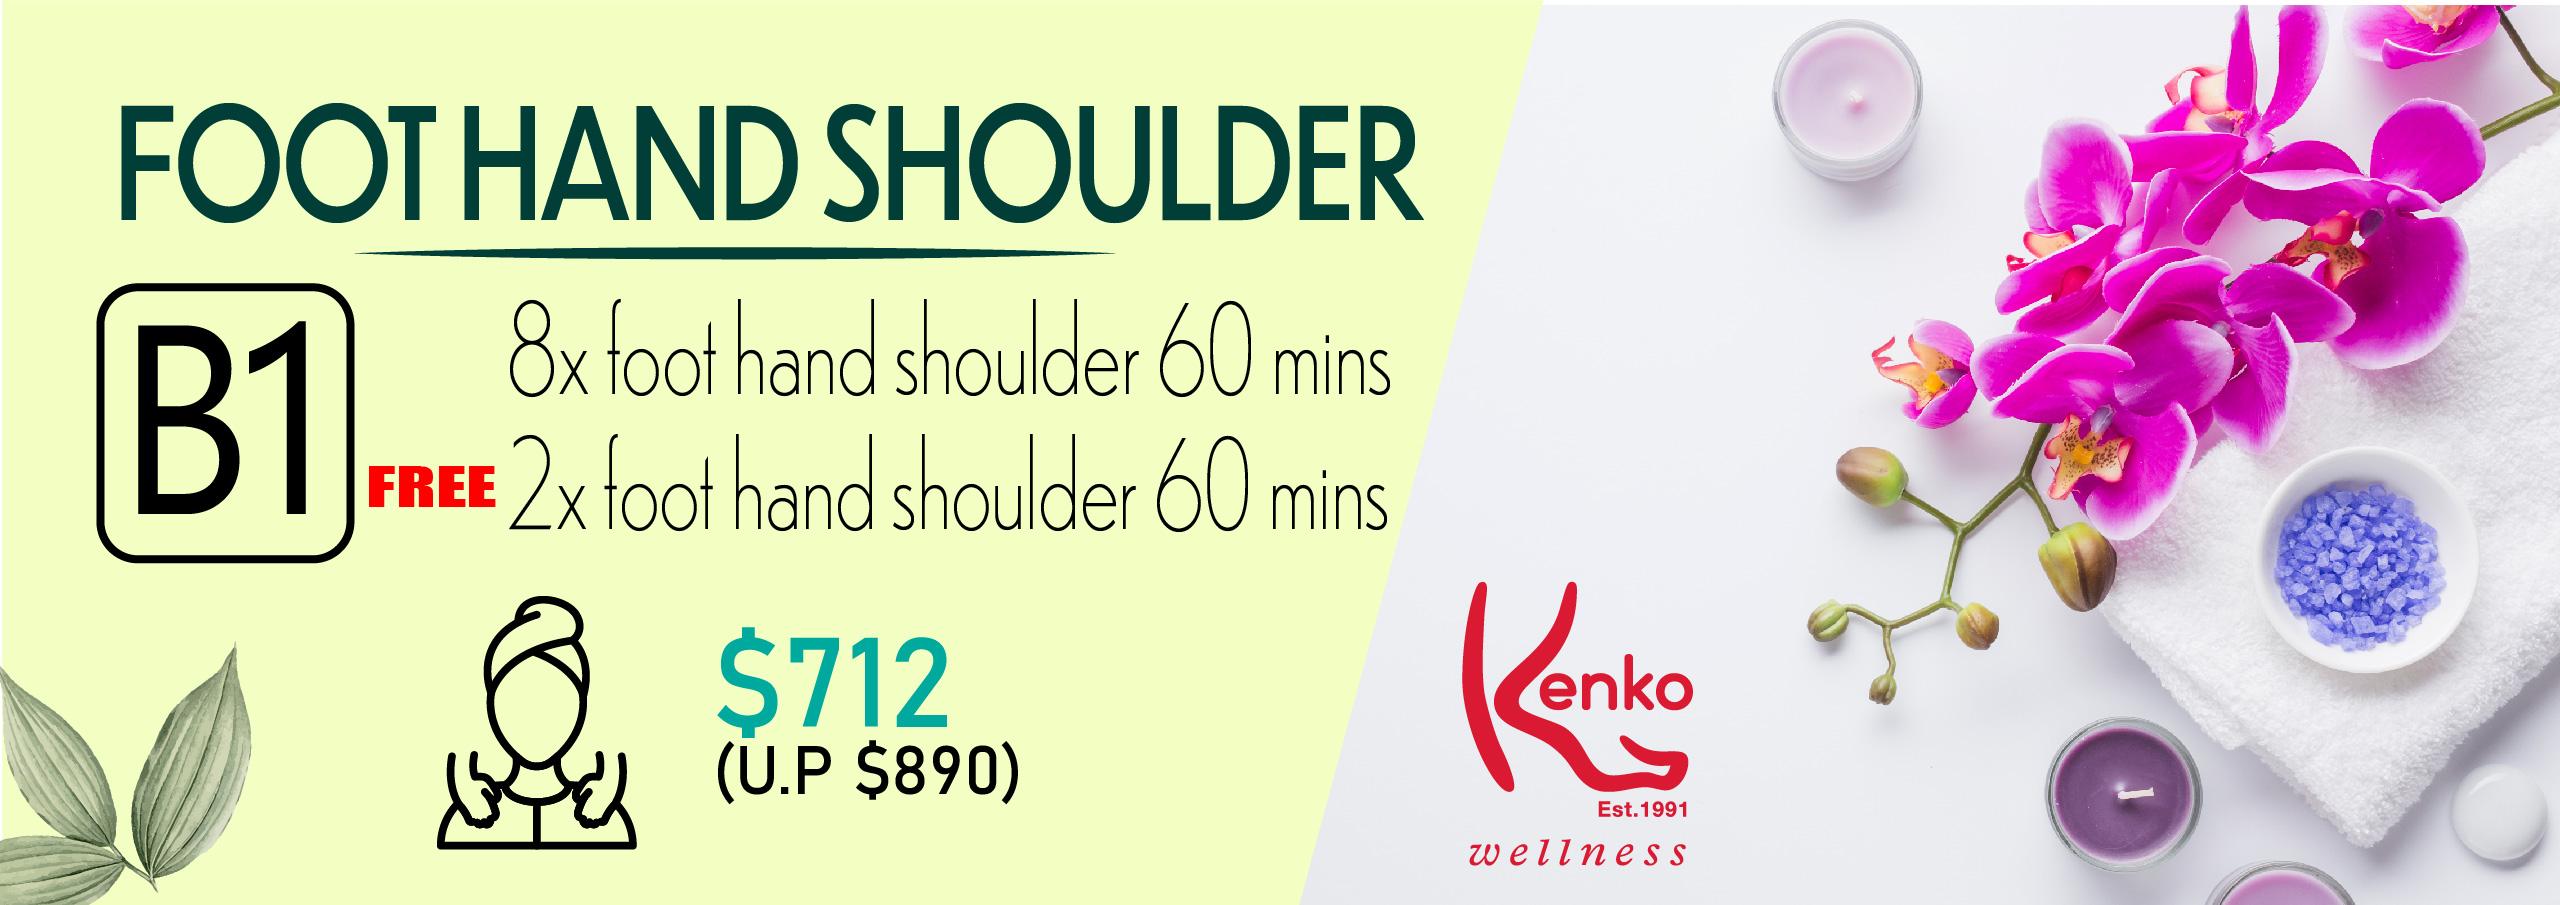 foot hand shoulder massage Kenko